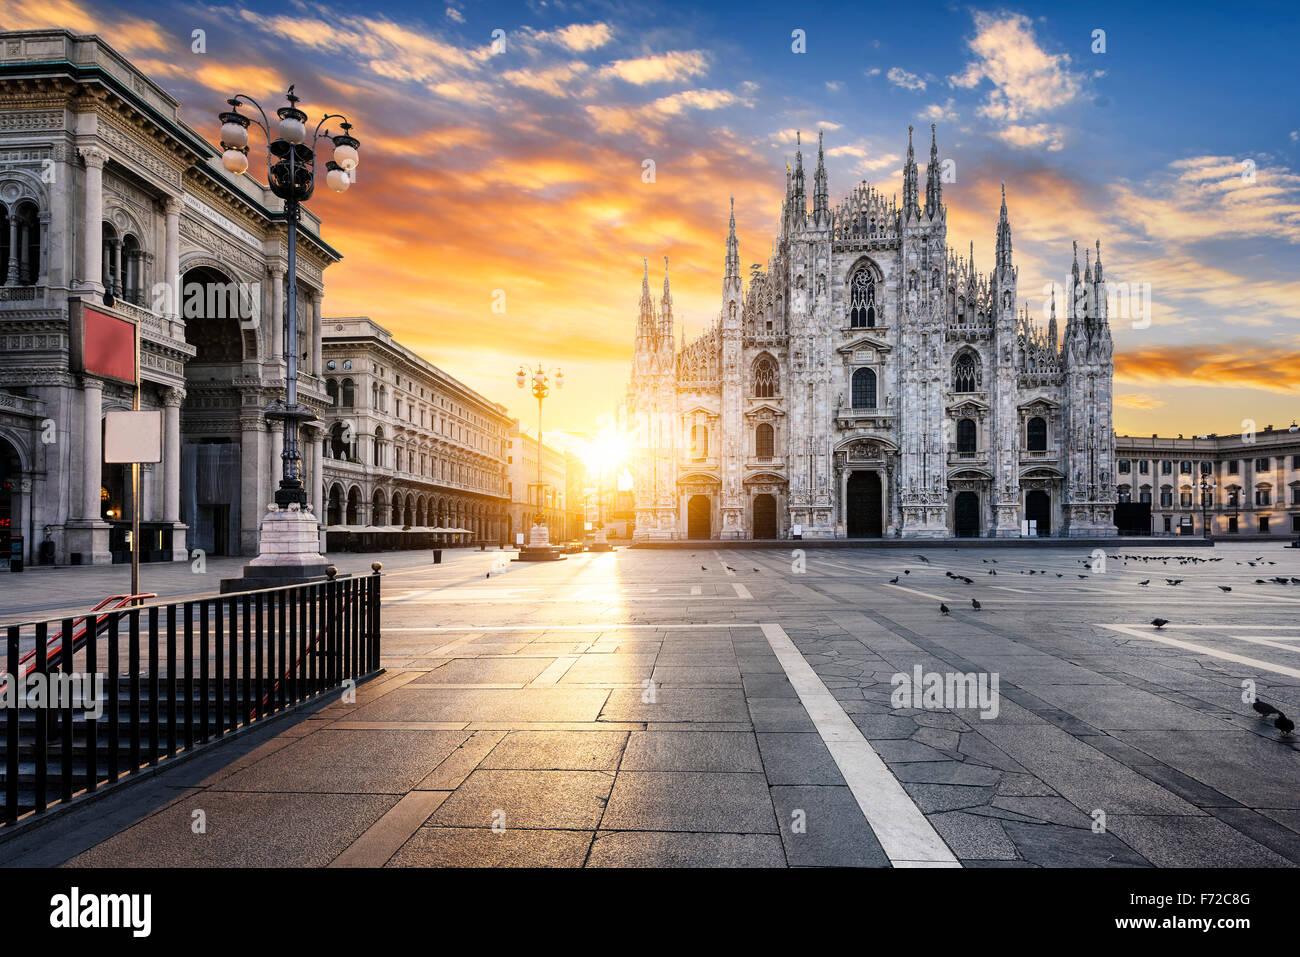 Al amanecer, el Duomo de Milán, Europa. Imagen De Stock